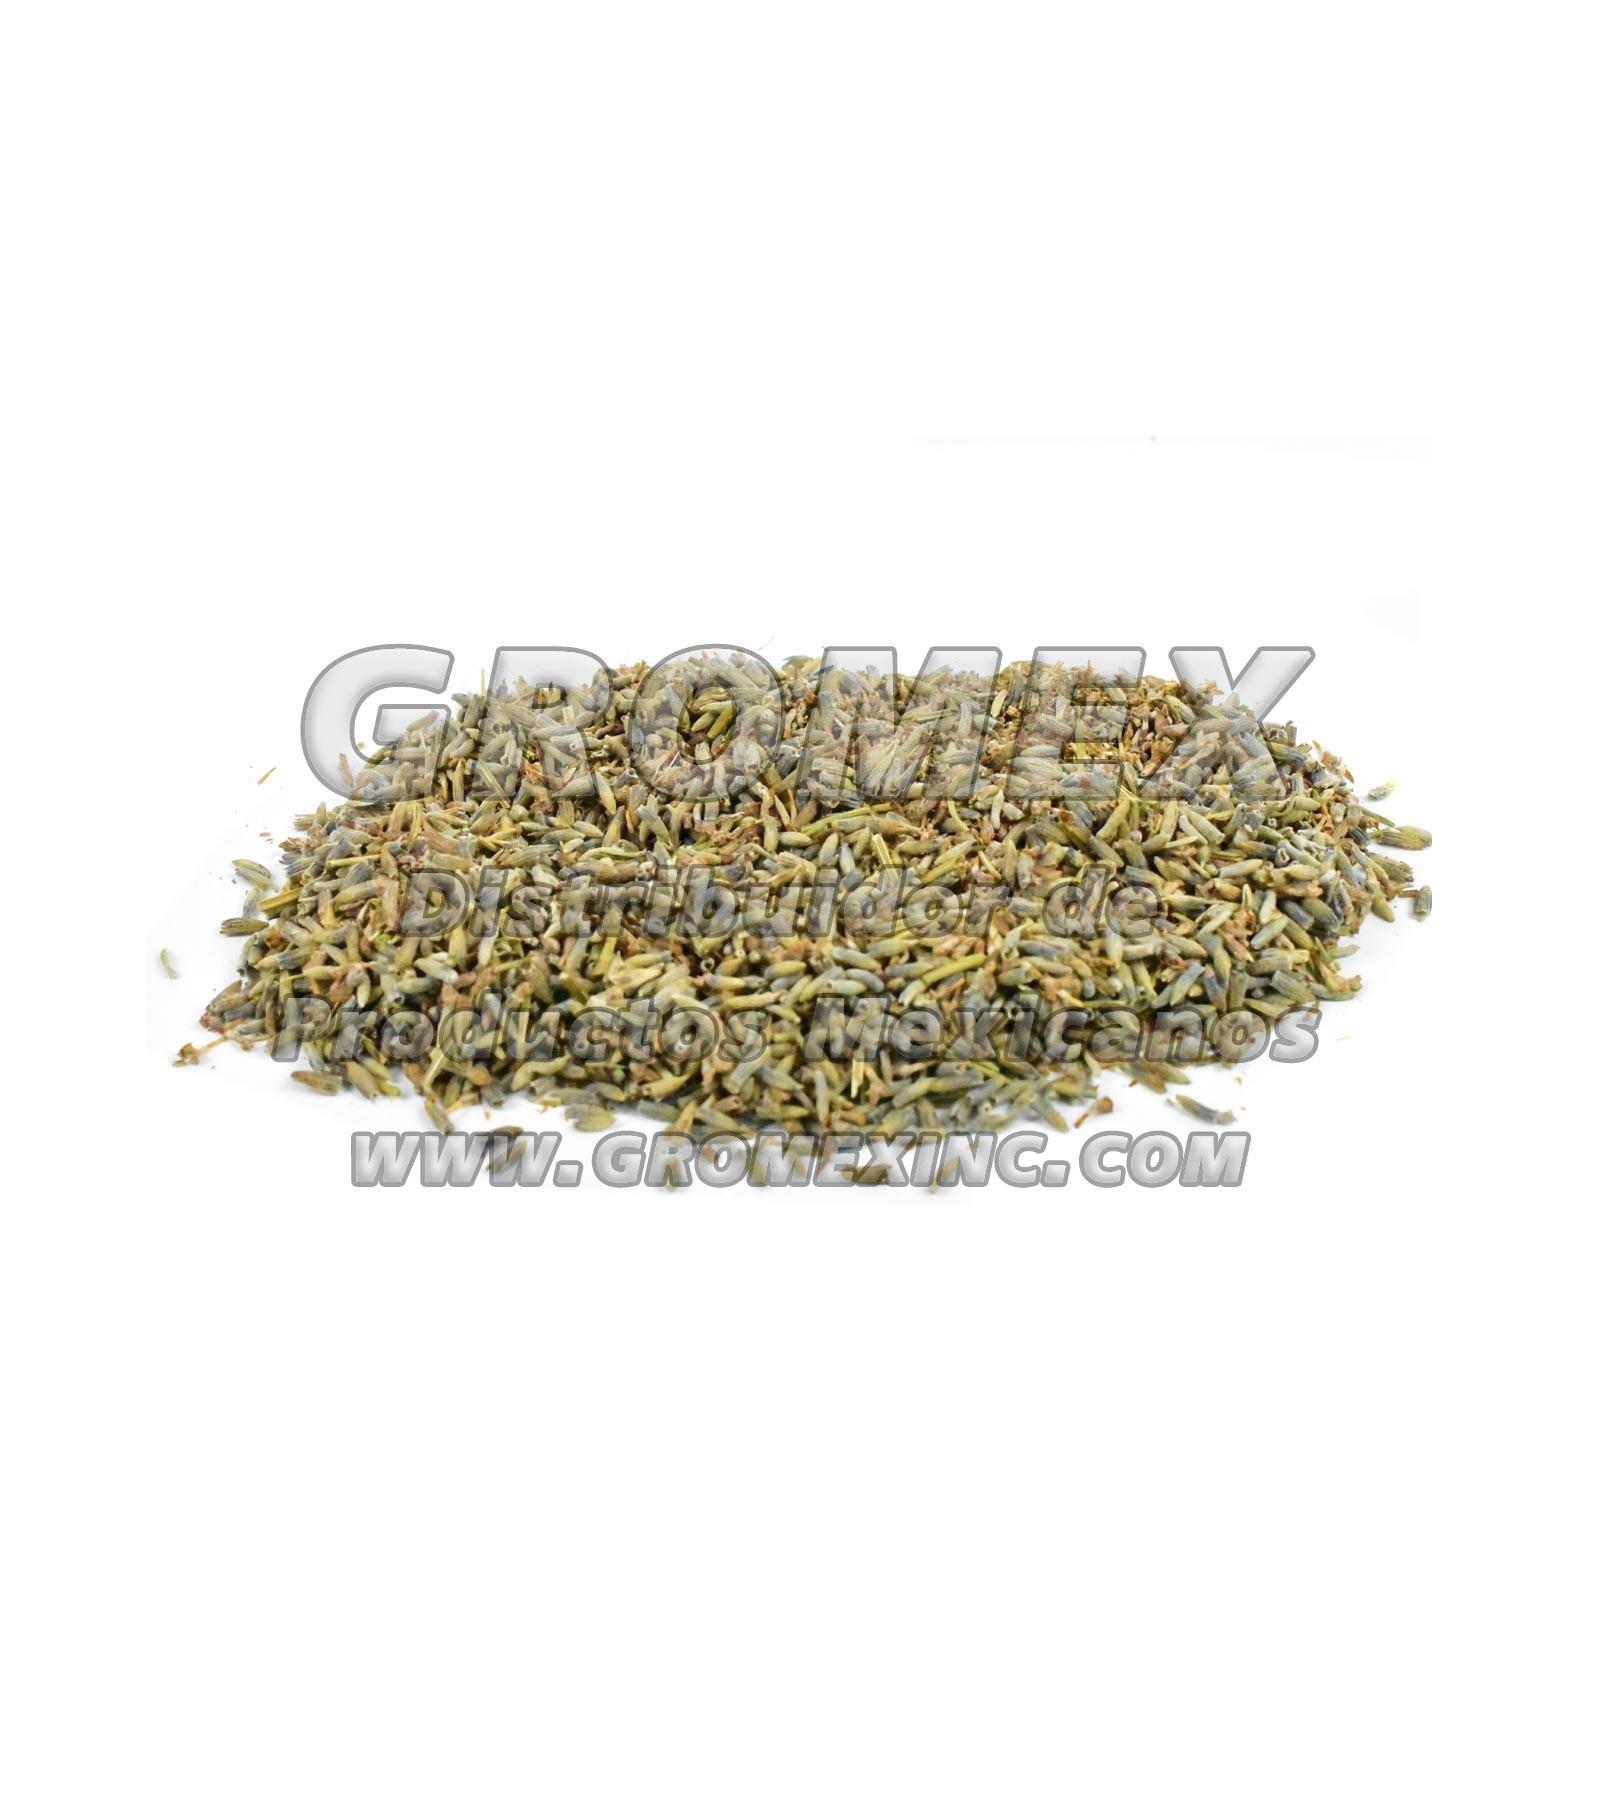 Gromex Esp Alucema 30/.125 oz - GROMEX